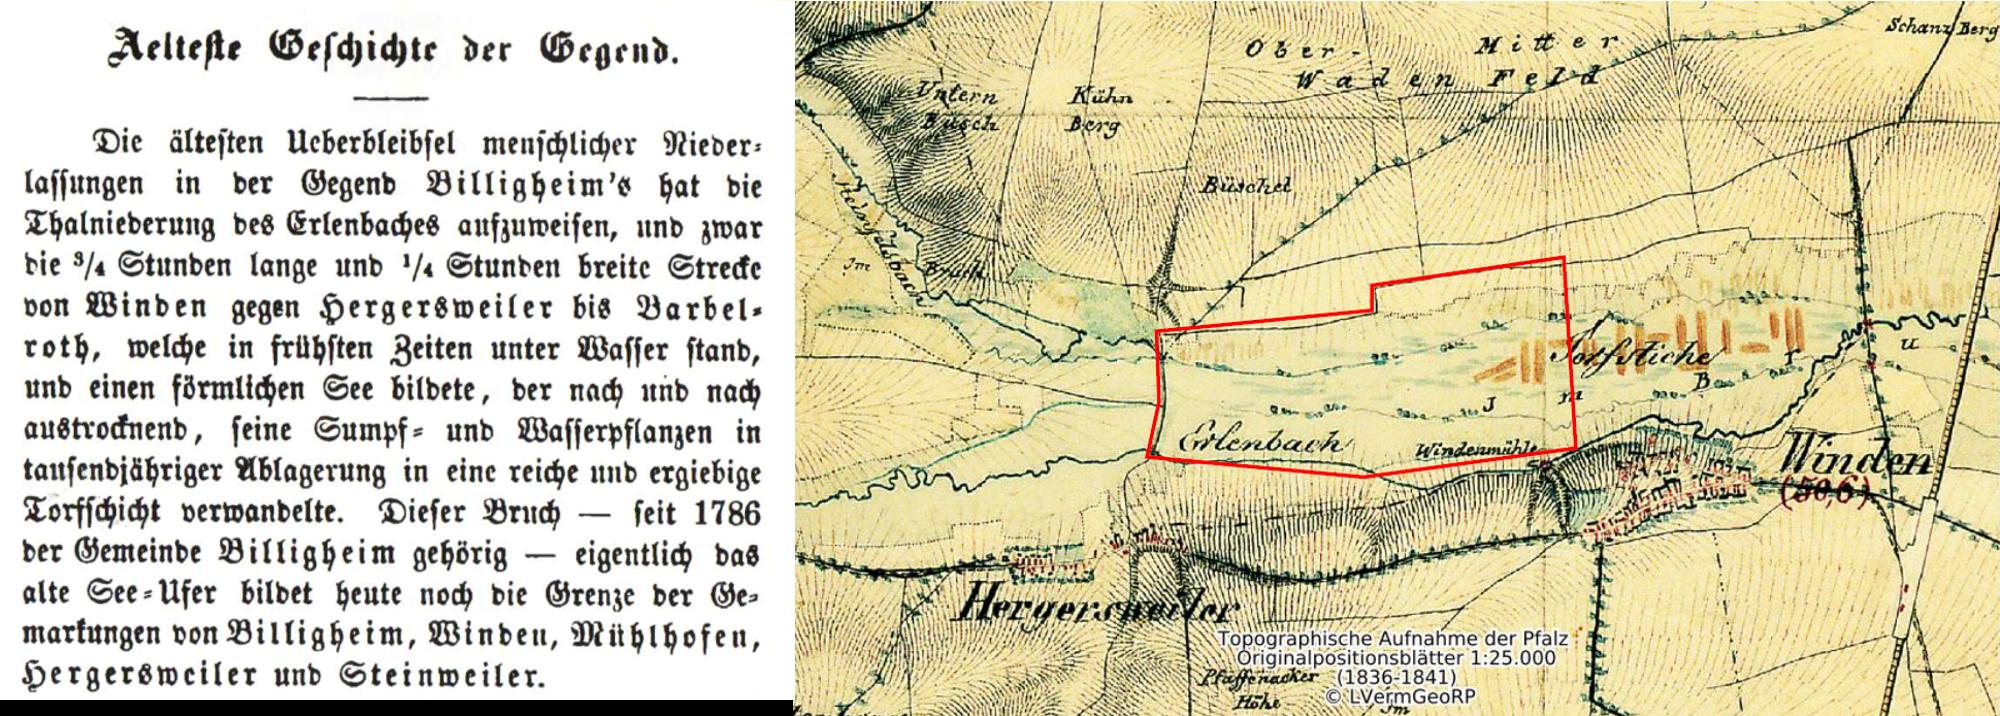 Billigheimer Bruch Bild Teil 2 Historische Karte Torfstich und Text